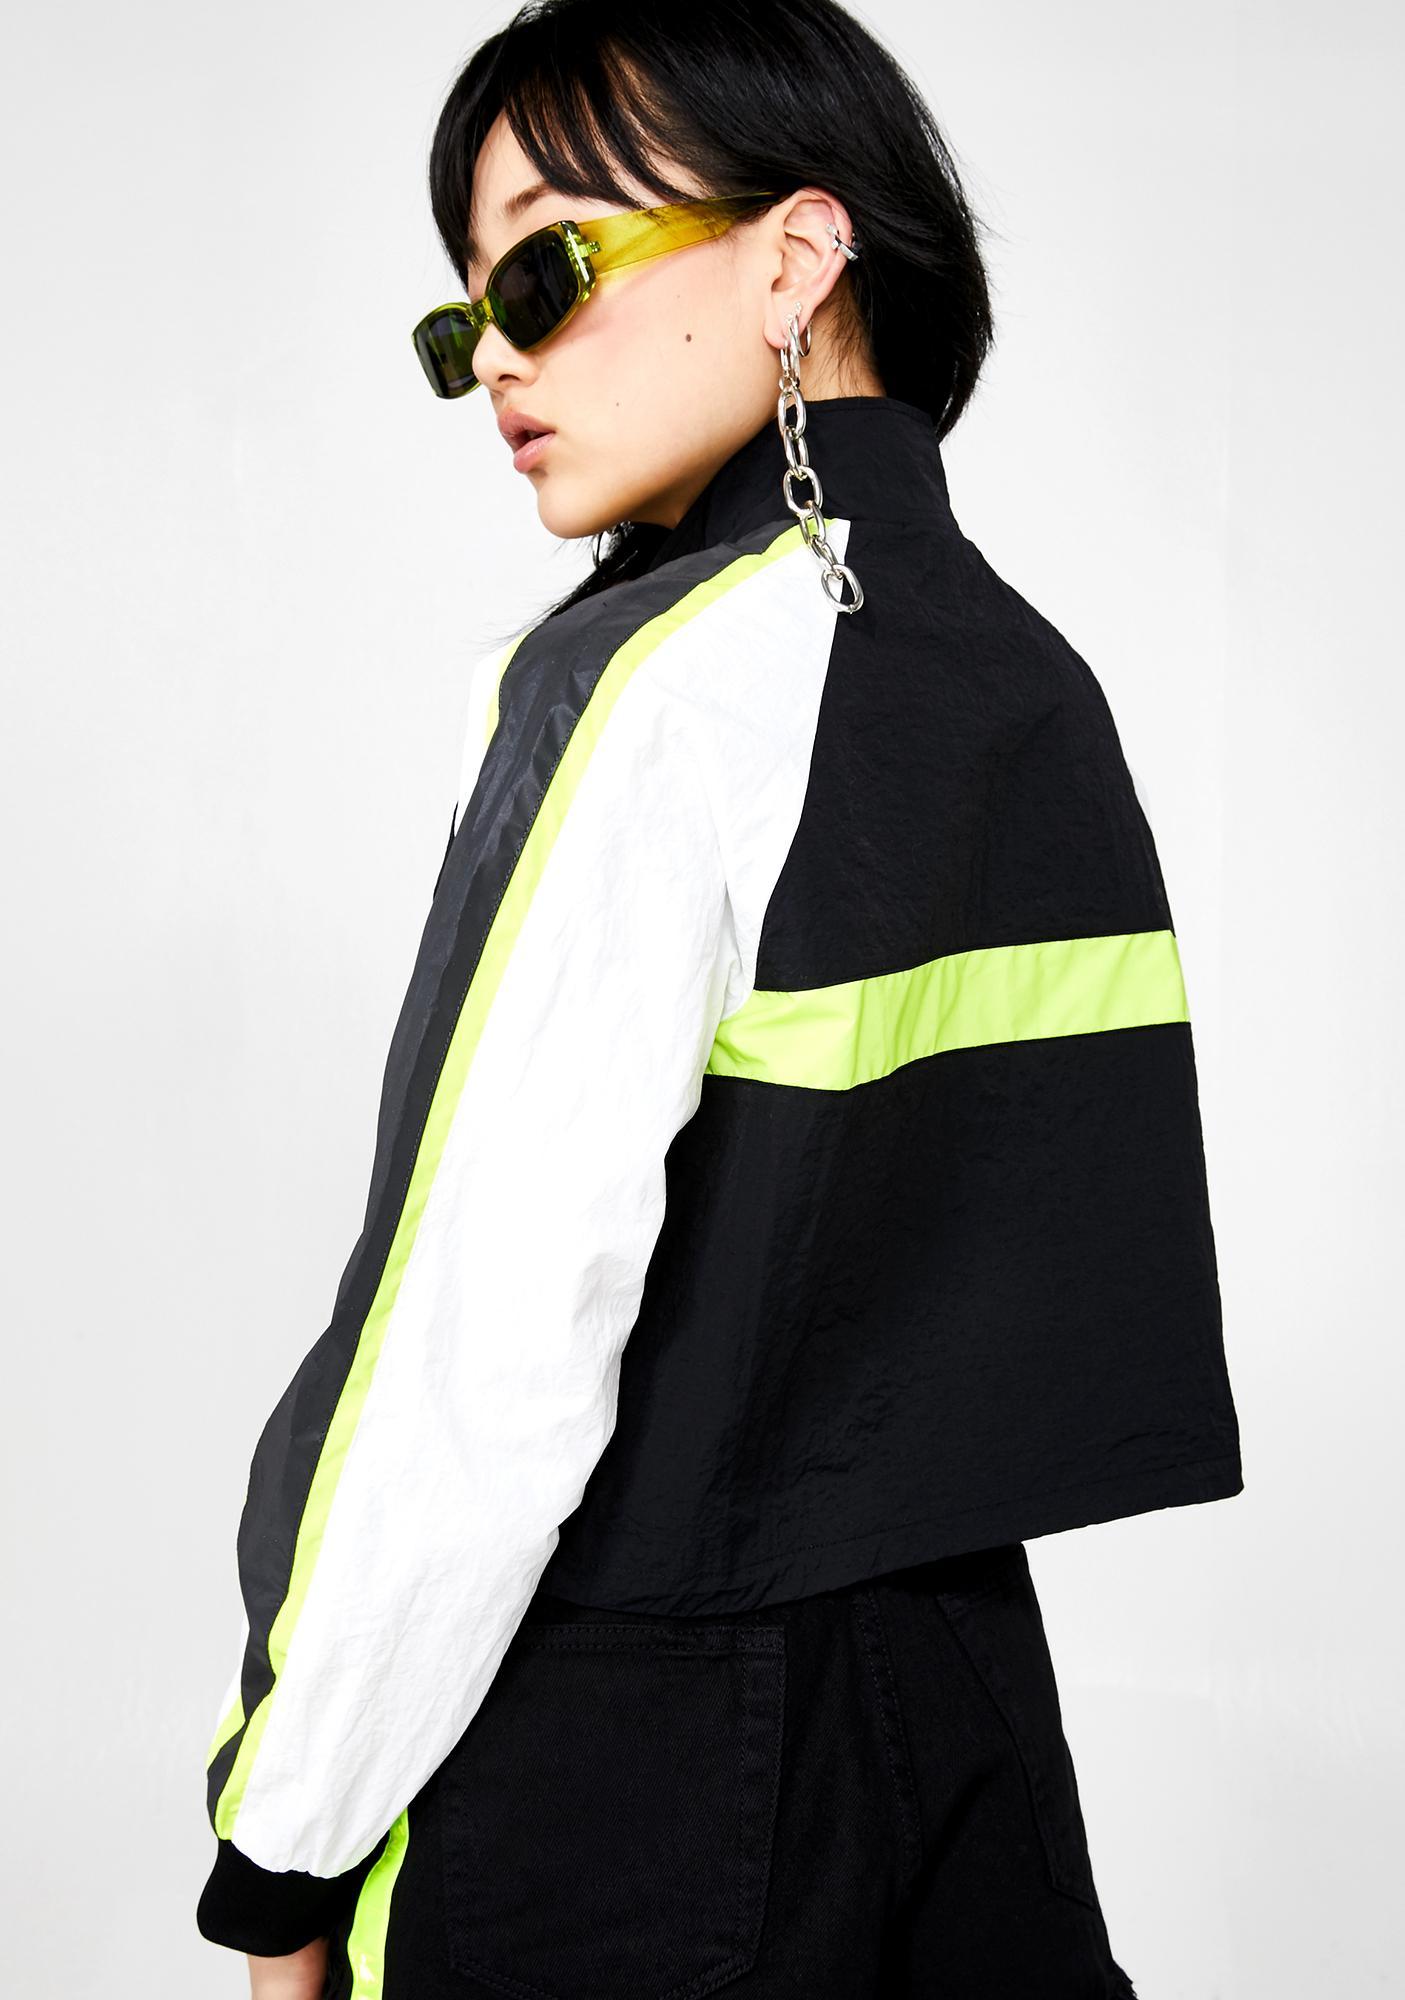 Nana Judy Idora Sports Cropped Sweater